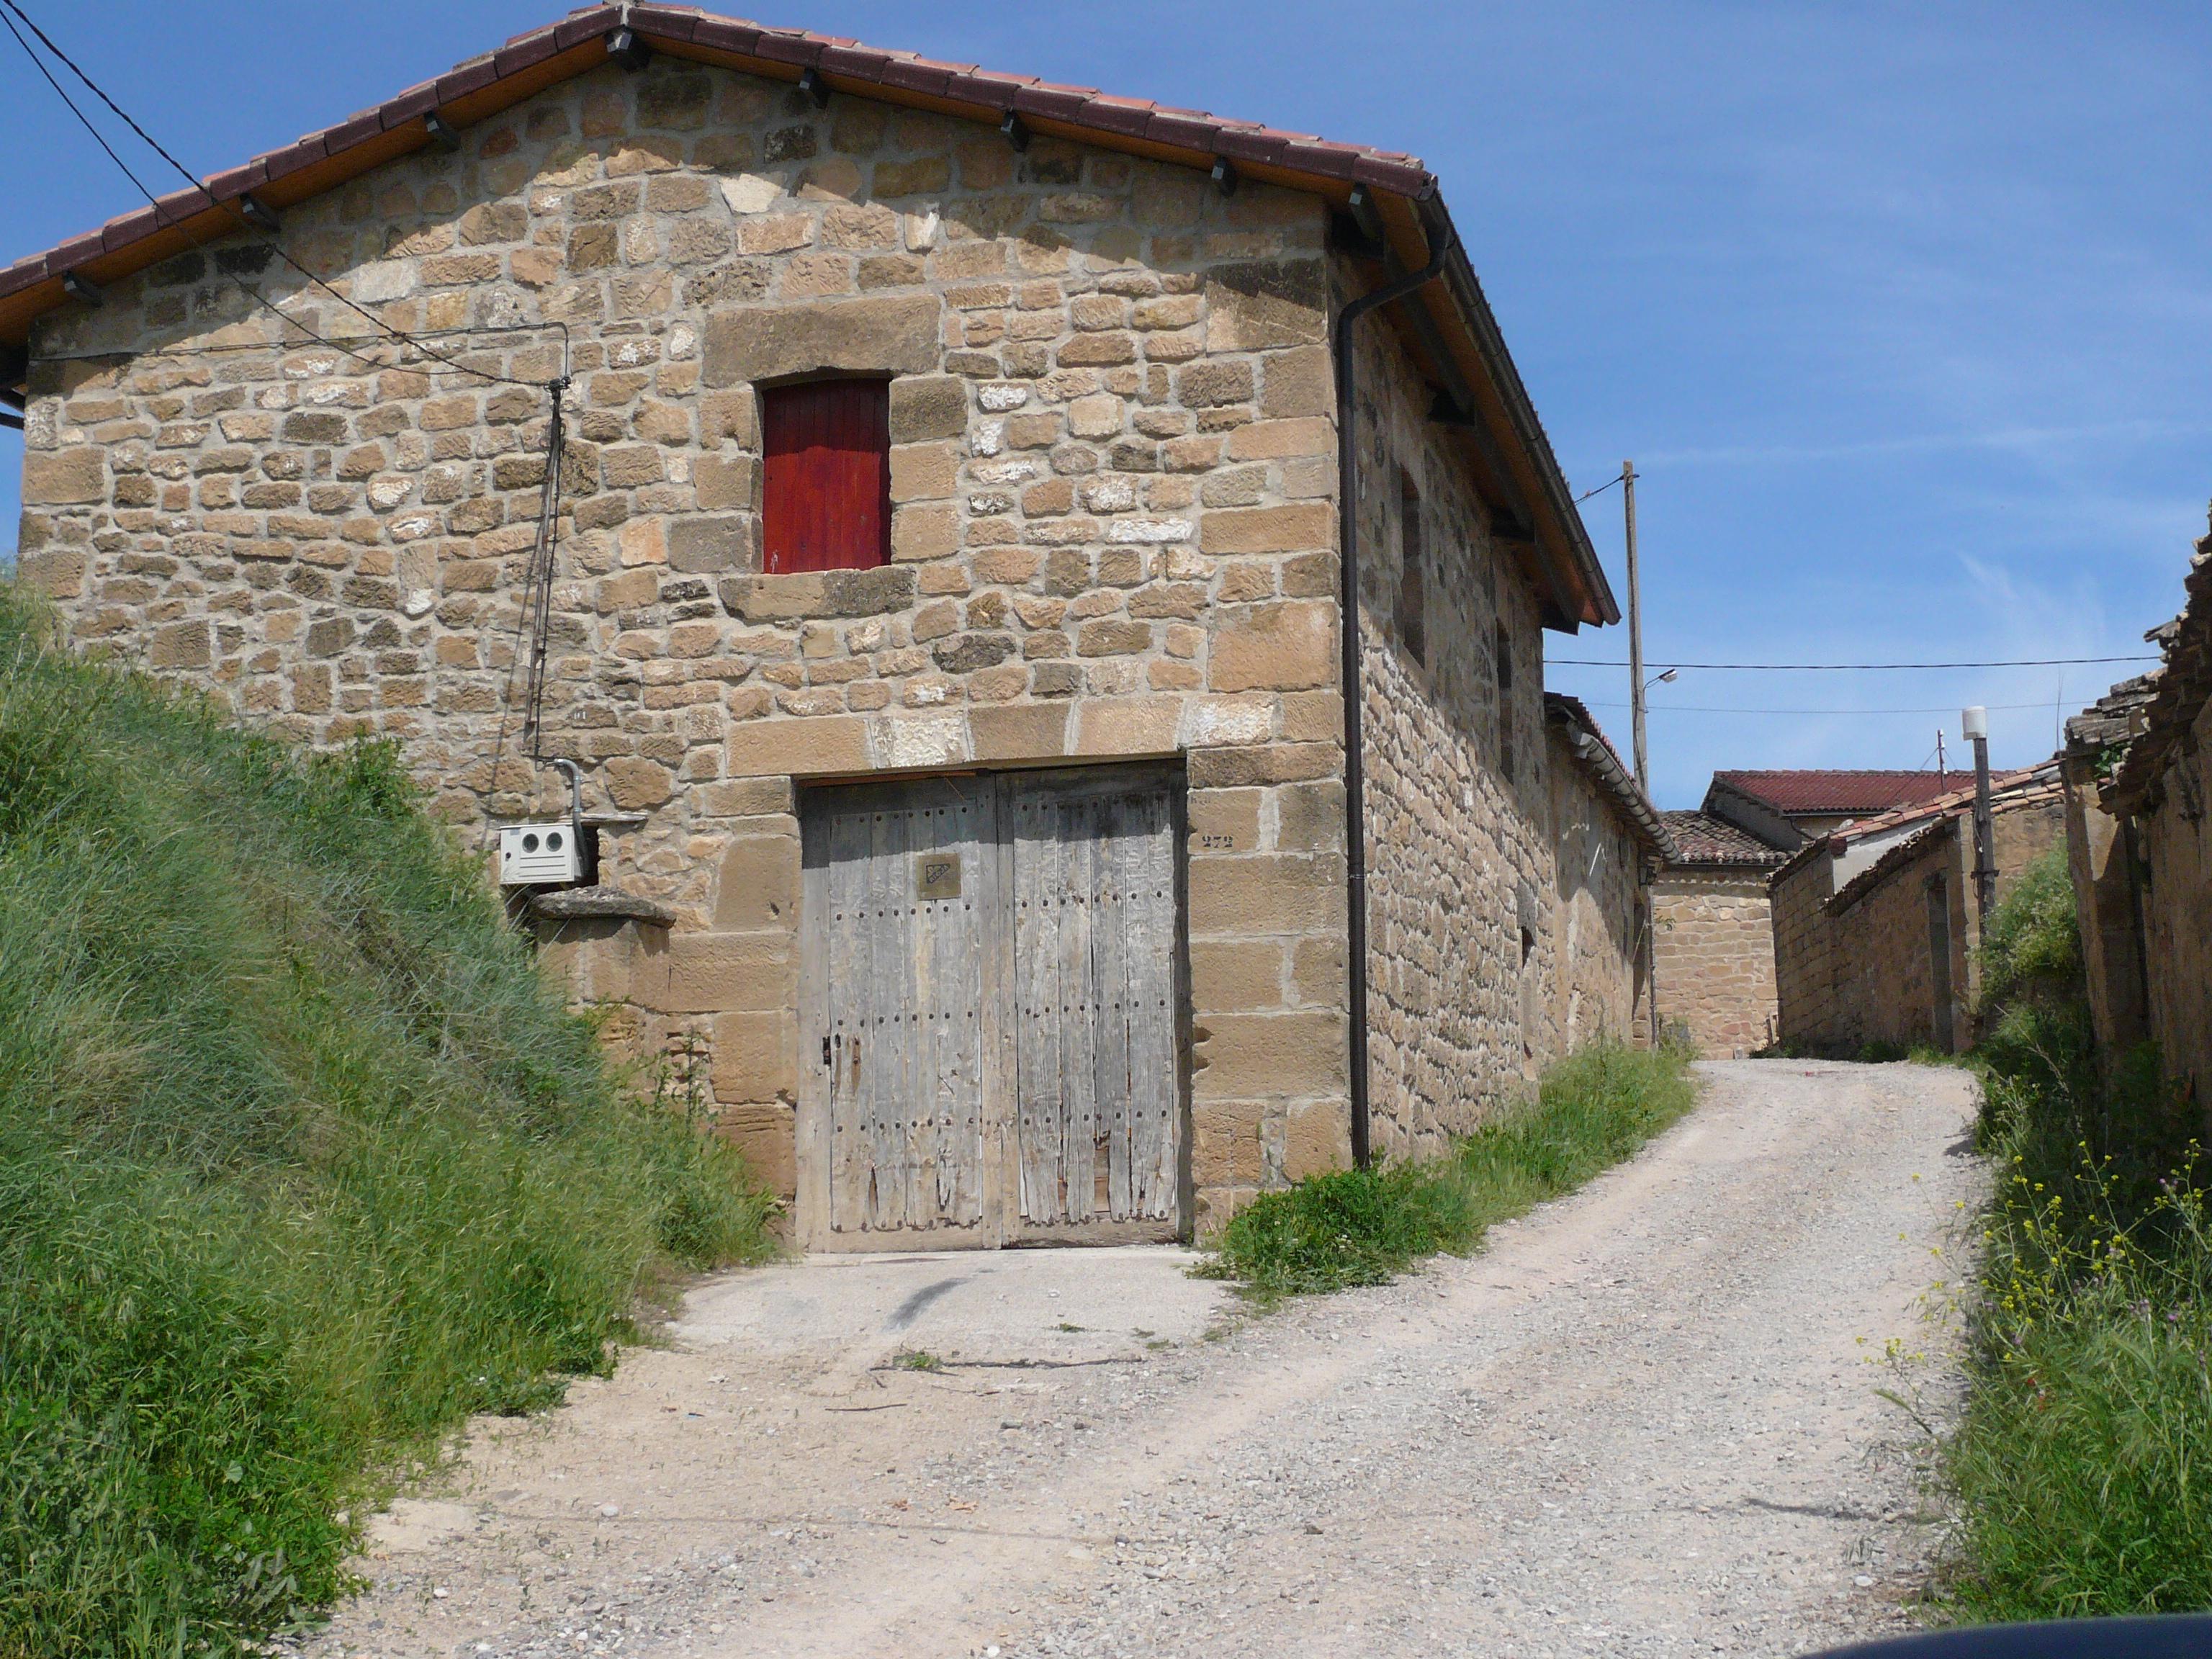 LR_6_2_1_Barrio-de-bodegas-de-San-Asensio.jpg